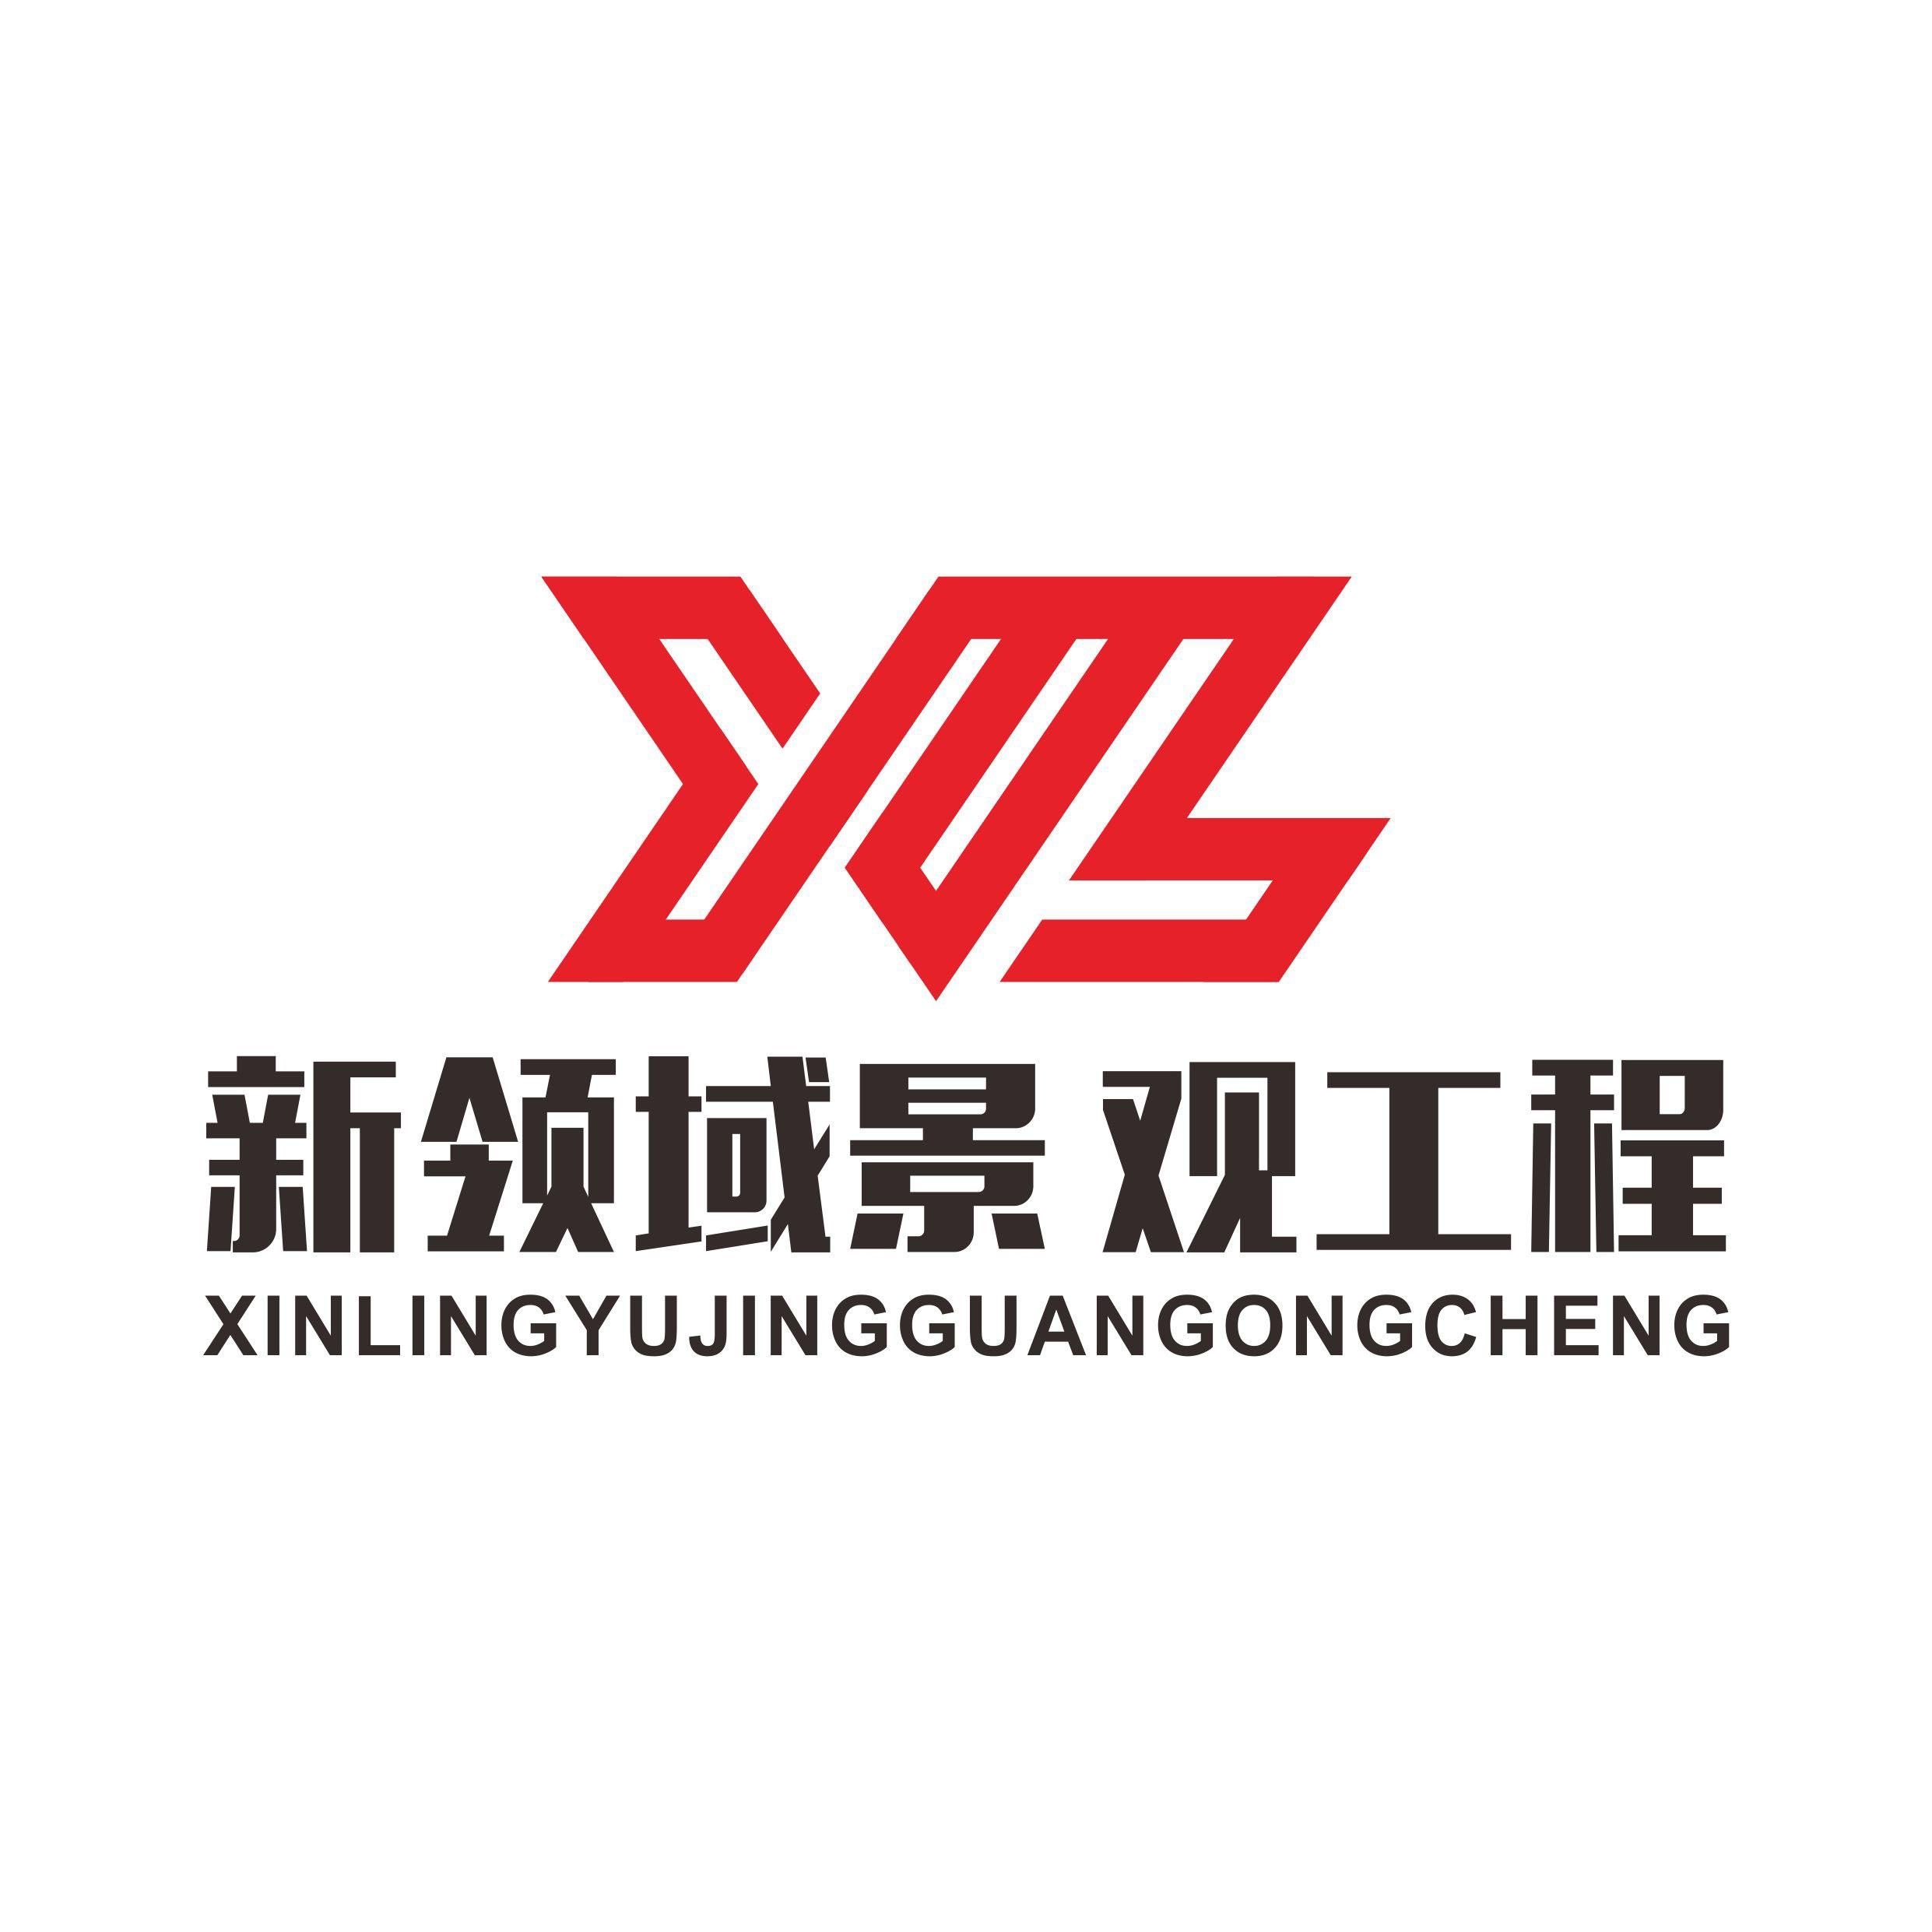 江苏新领域景观工程有限公司